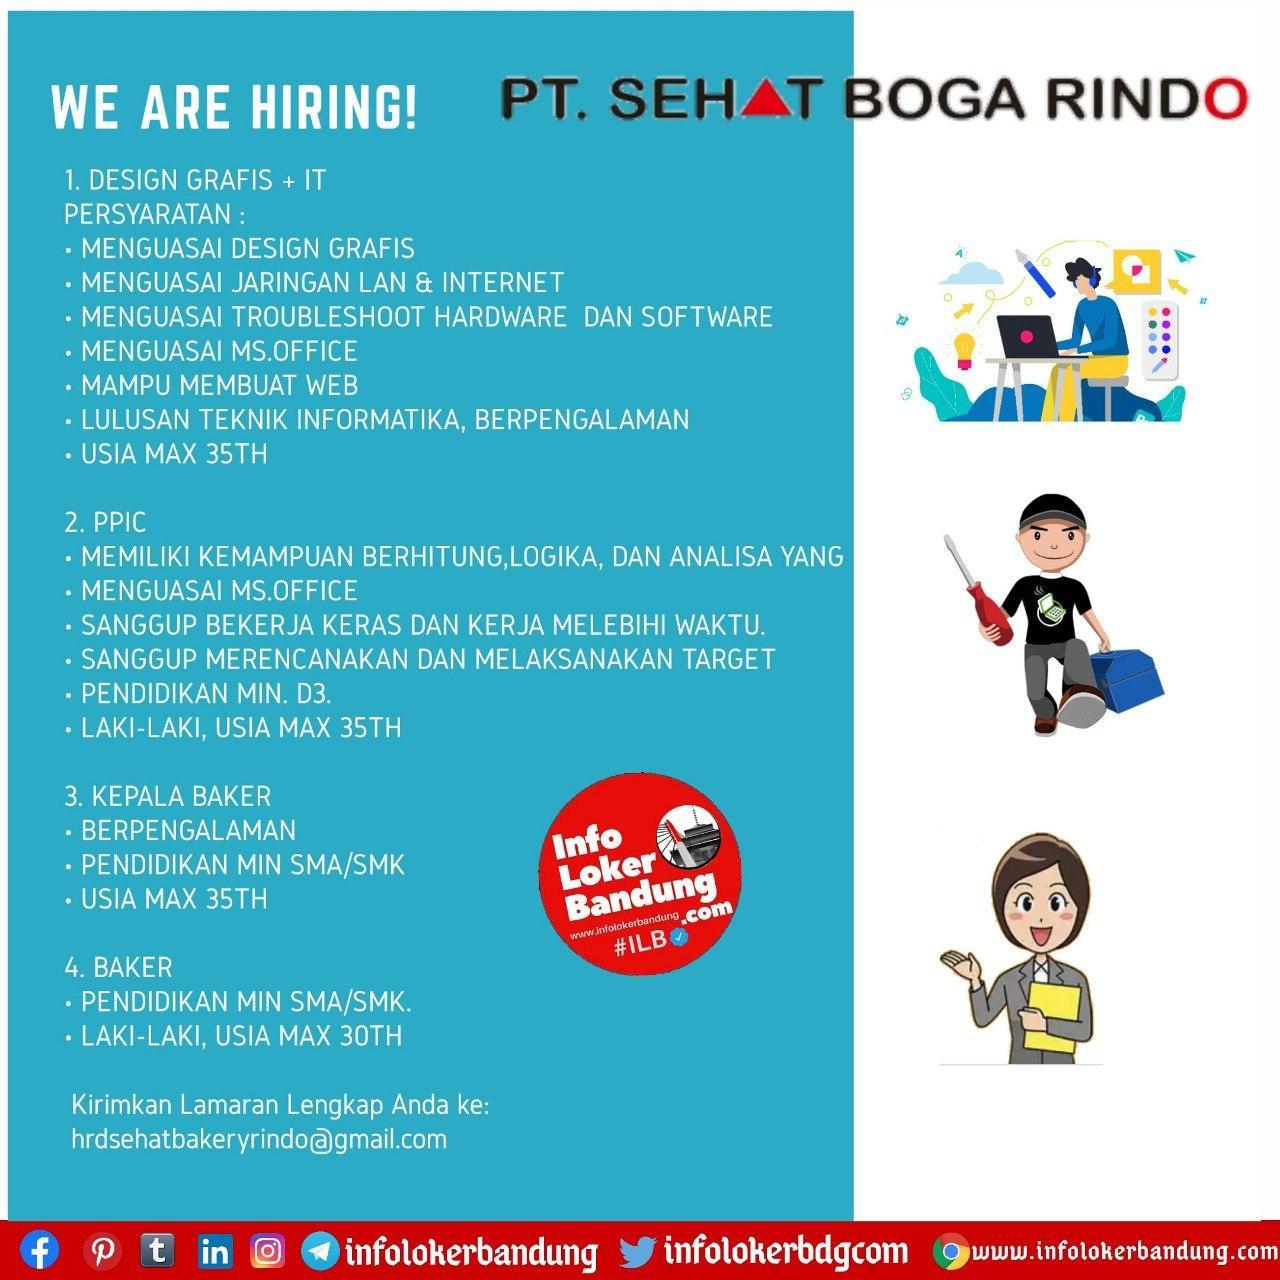 Lowongan Kerja PT. Sehat Boga Rindo Bandung Oktober 2020